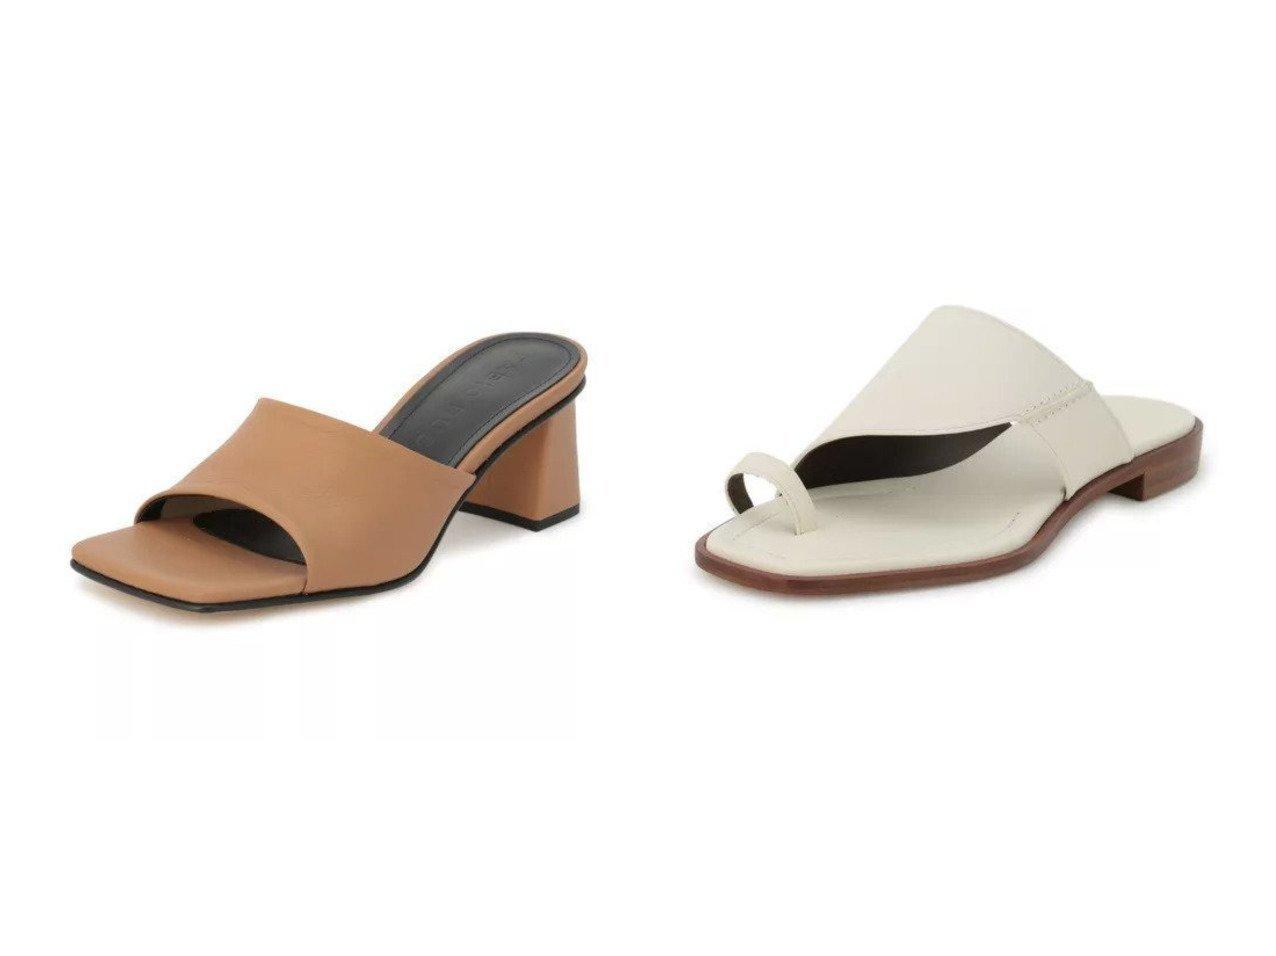 【LAURENCE/ロランス】のTERRANEA15&【FABIO RUSCONI/ファビオ ルスコーニ】の5.5cmヒールミュールサンダル シューズ・靴のおすすめ!人気、トレンド・レディースファッションの通販 おすすめで人気の流行・トレンド、ファッションの通販商品 メンズファッション・キッズファッション・インテリア・家具・レディースファッション・服の通販 founy(ファニー) https://founy.com/ ファッション Fashion レディースファッション WOMEN サンダル シューズ シンプル ミュール エレガント |ID:crp329100000022548